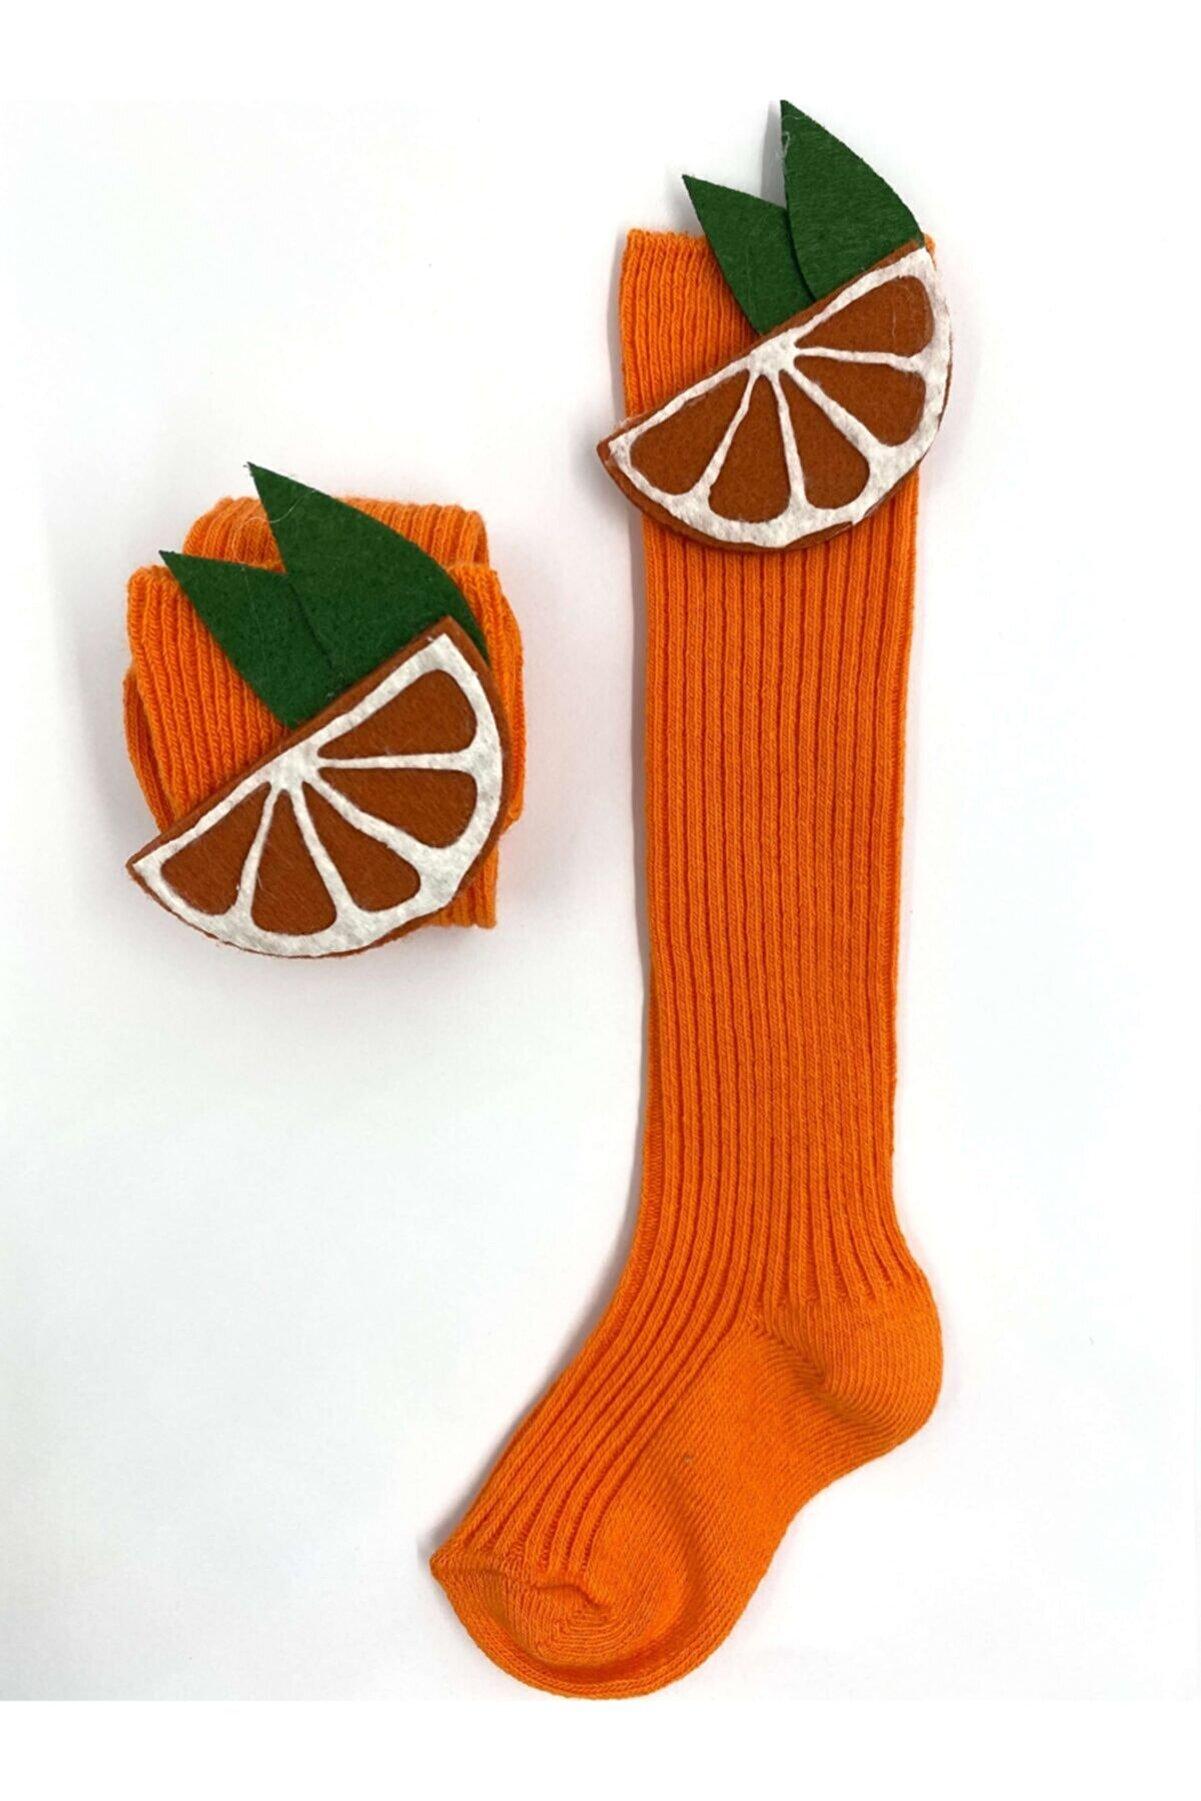 Burcu Atölye Kız Bebek Turuncu Portakal Figürlü Diz Altı Çorap